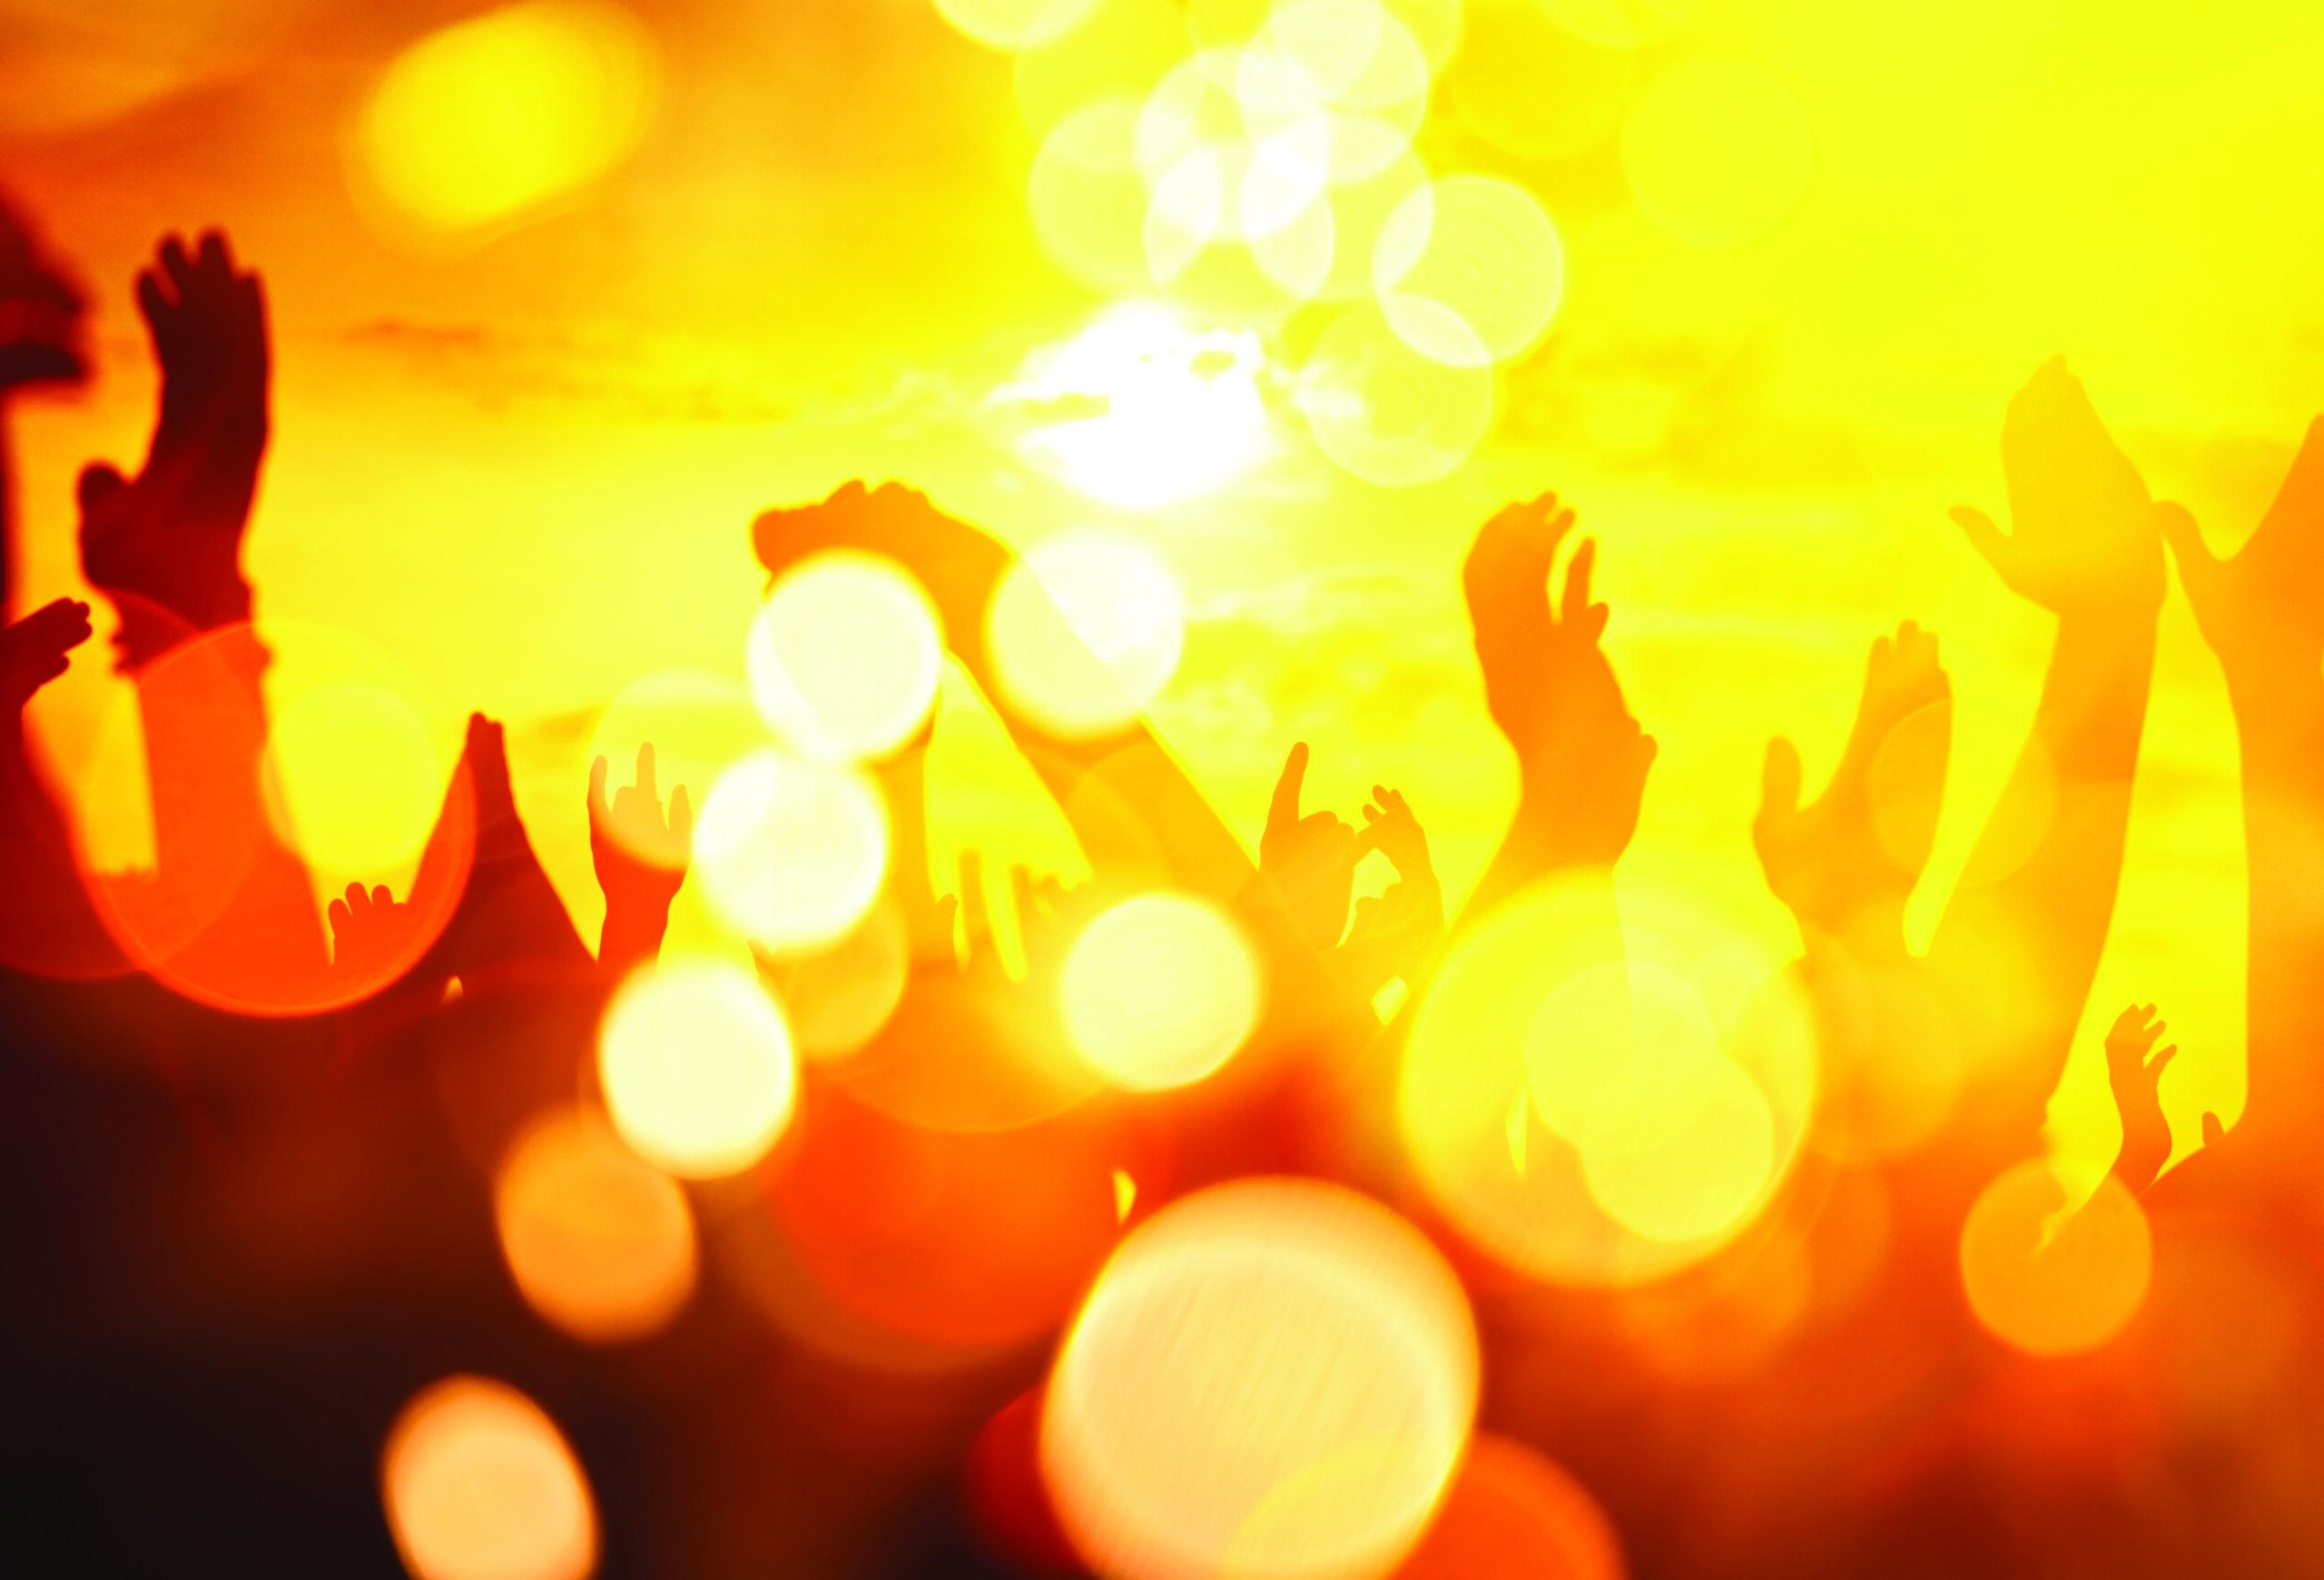 Hands Up, double exposure